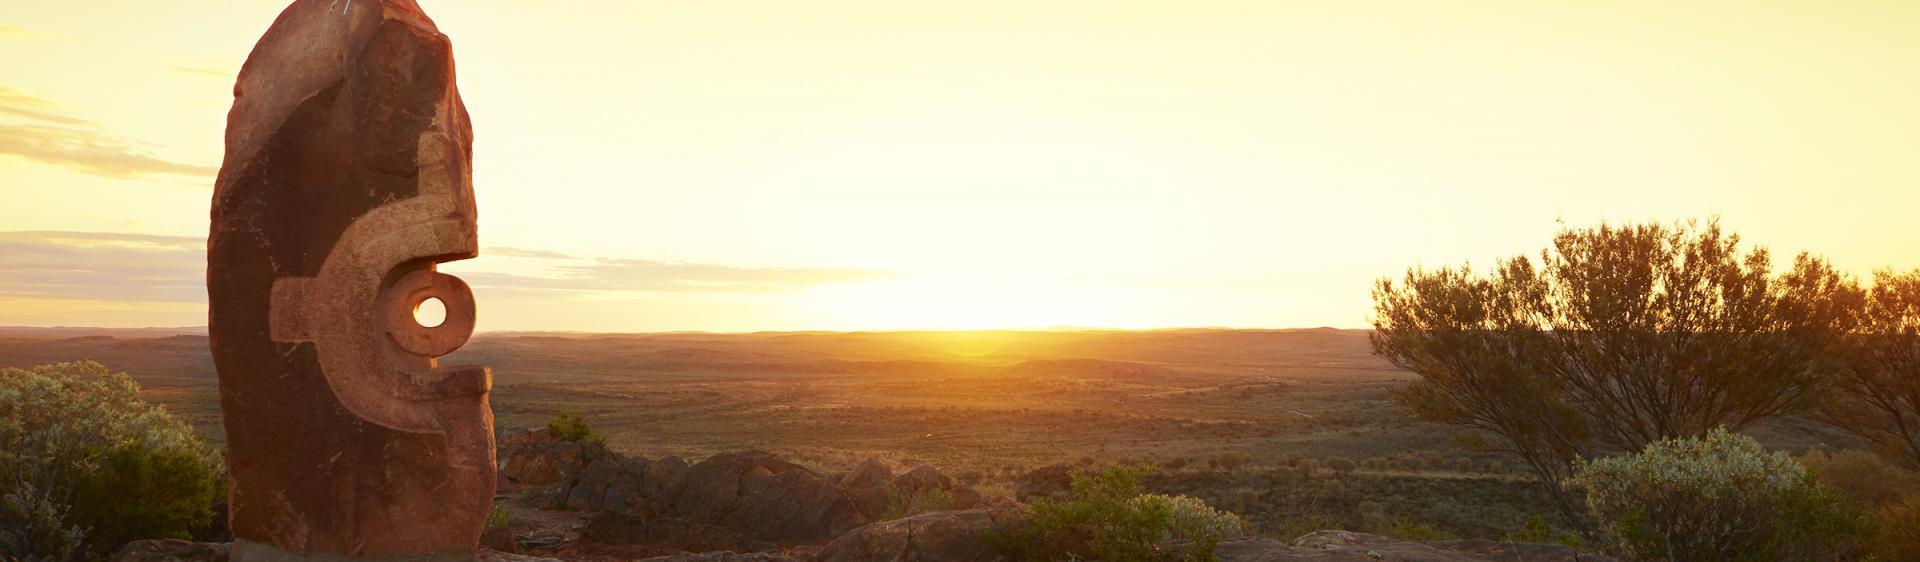 內陸布羅肯山 (Broken Hill)